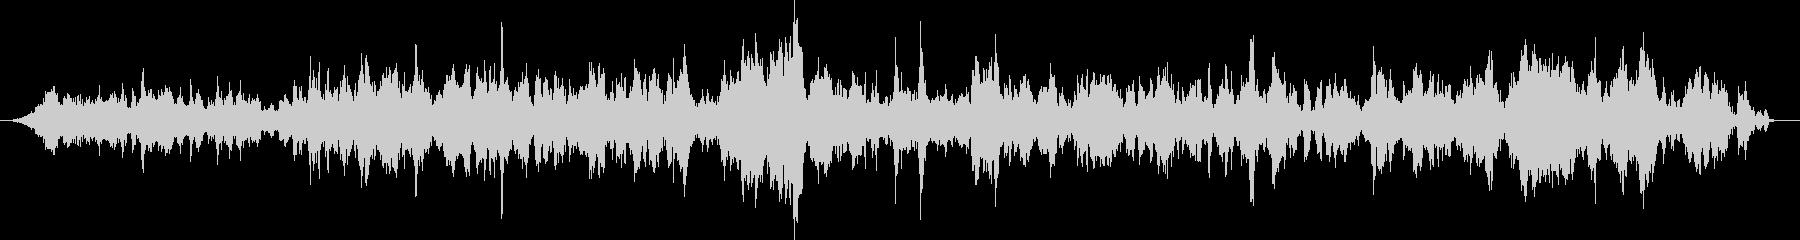 群集 トークアップセット03の未再生の波形